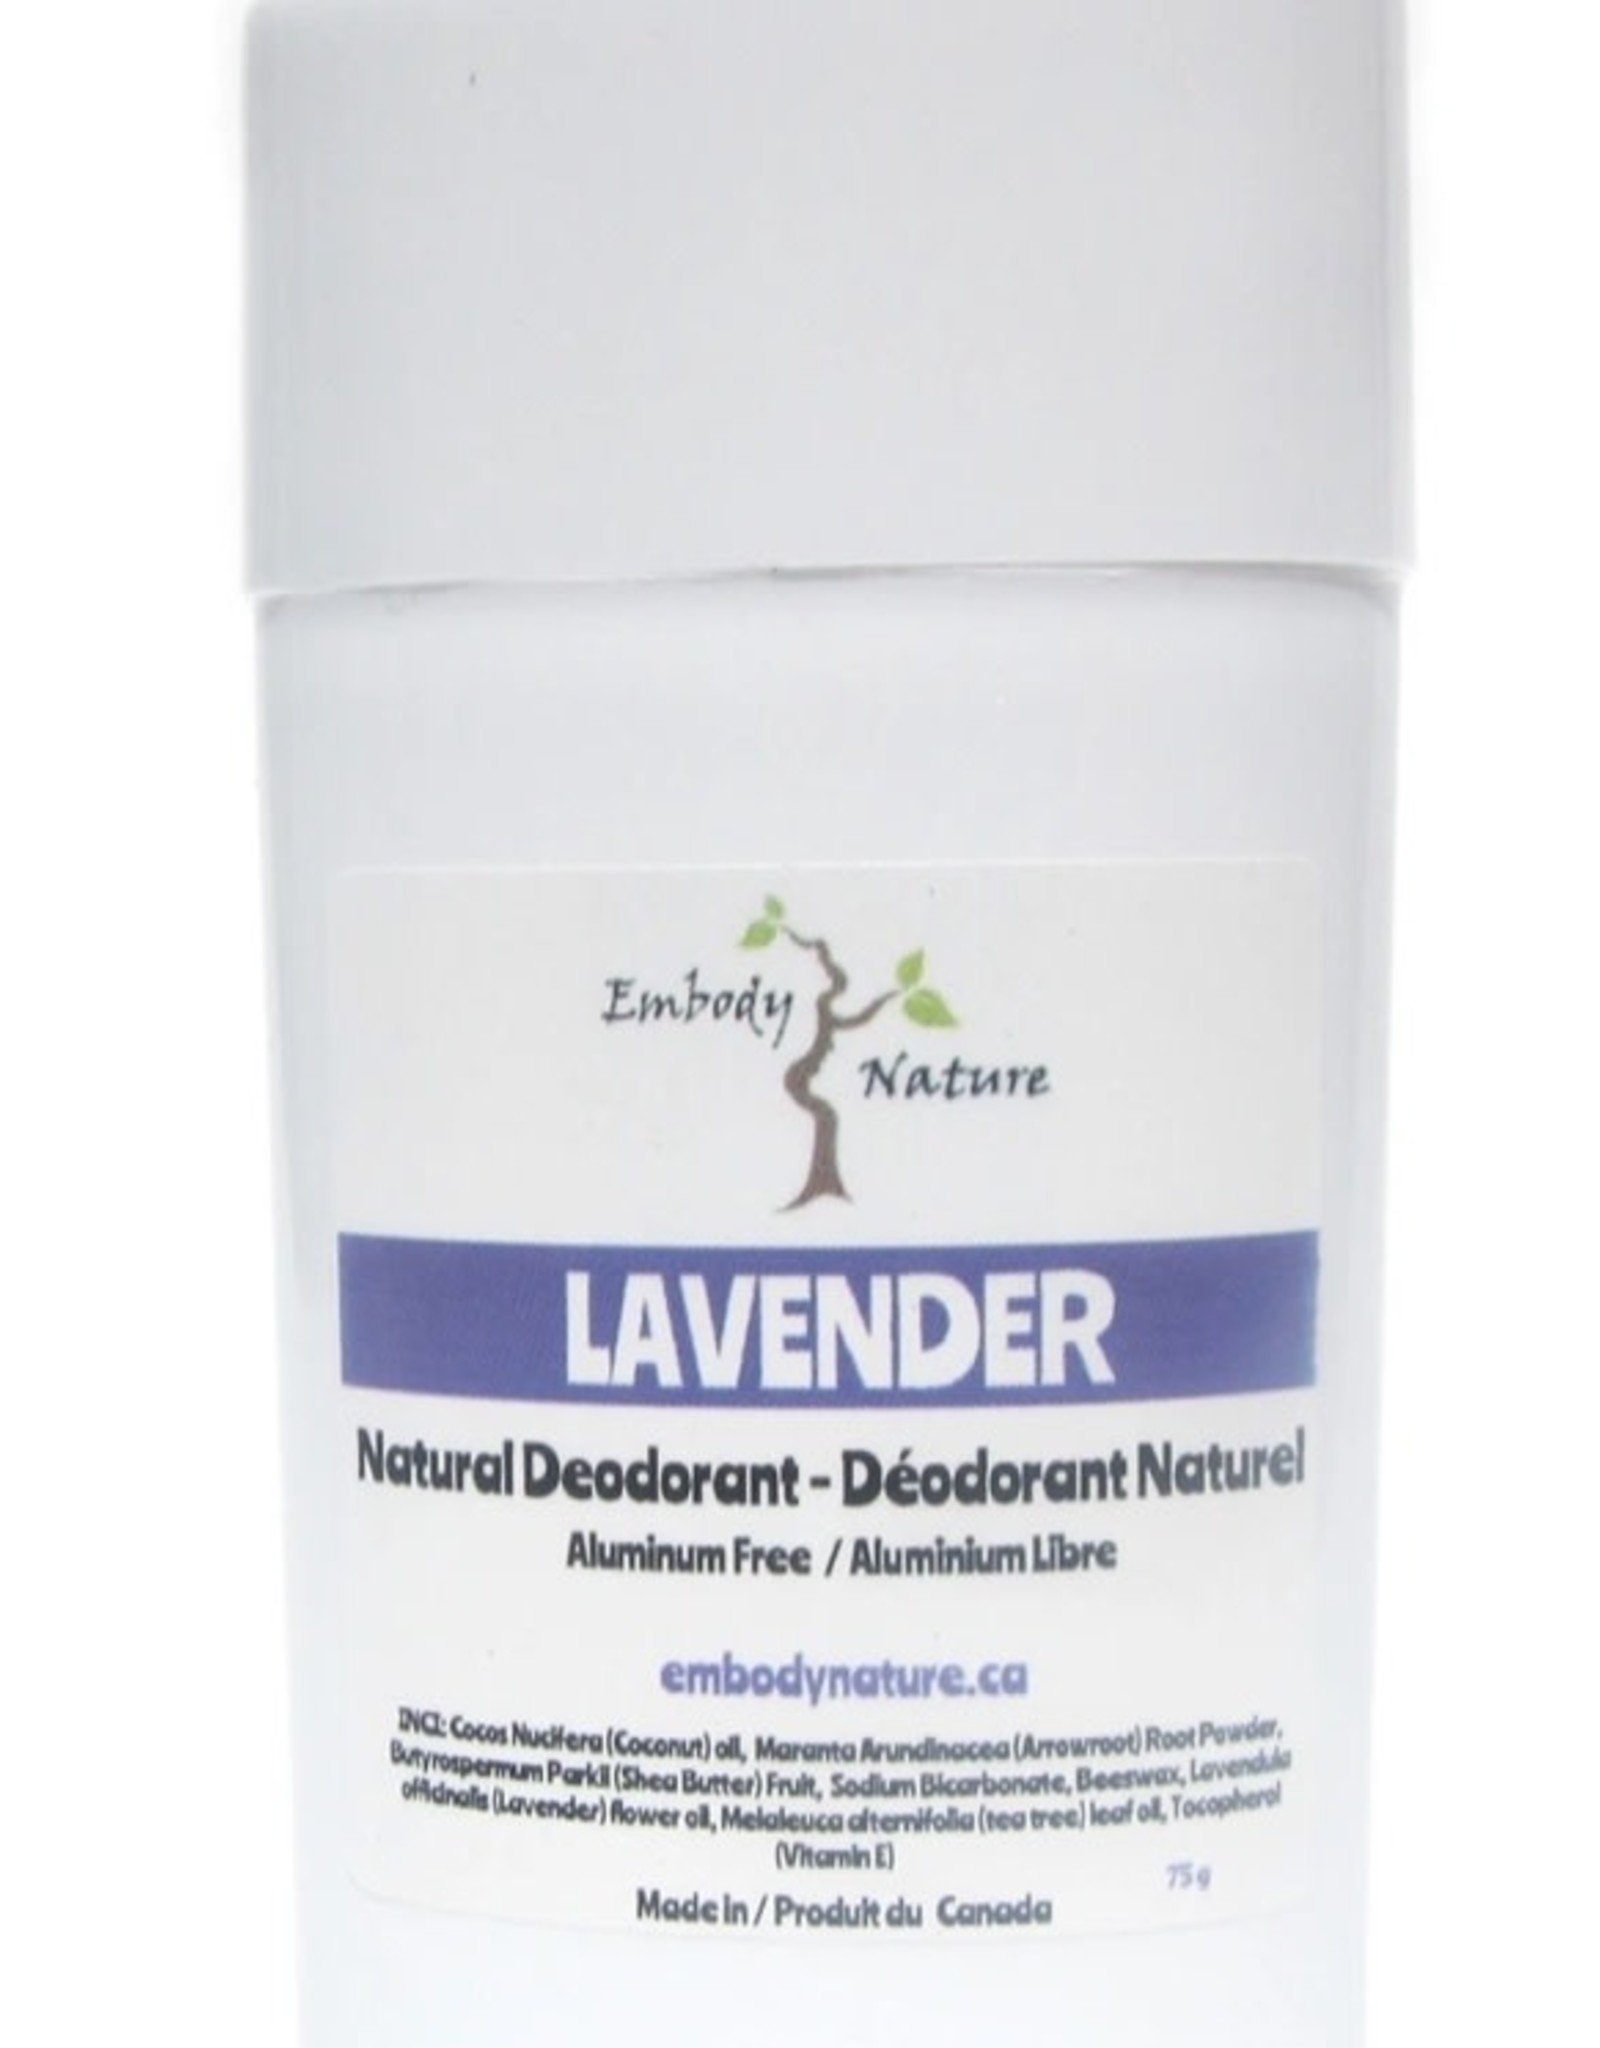 Embody Nature Natural Deodorant